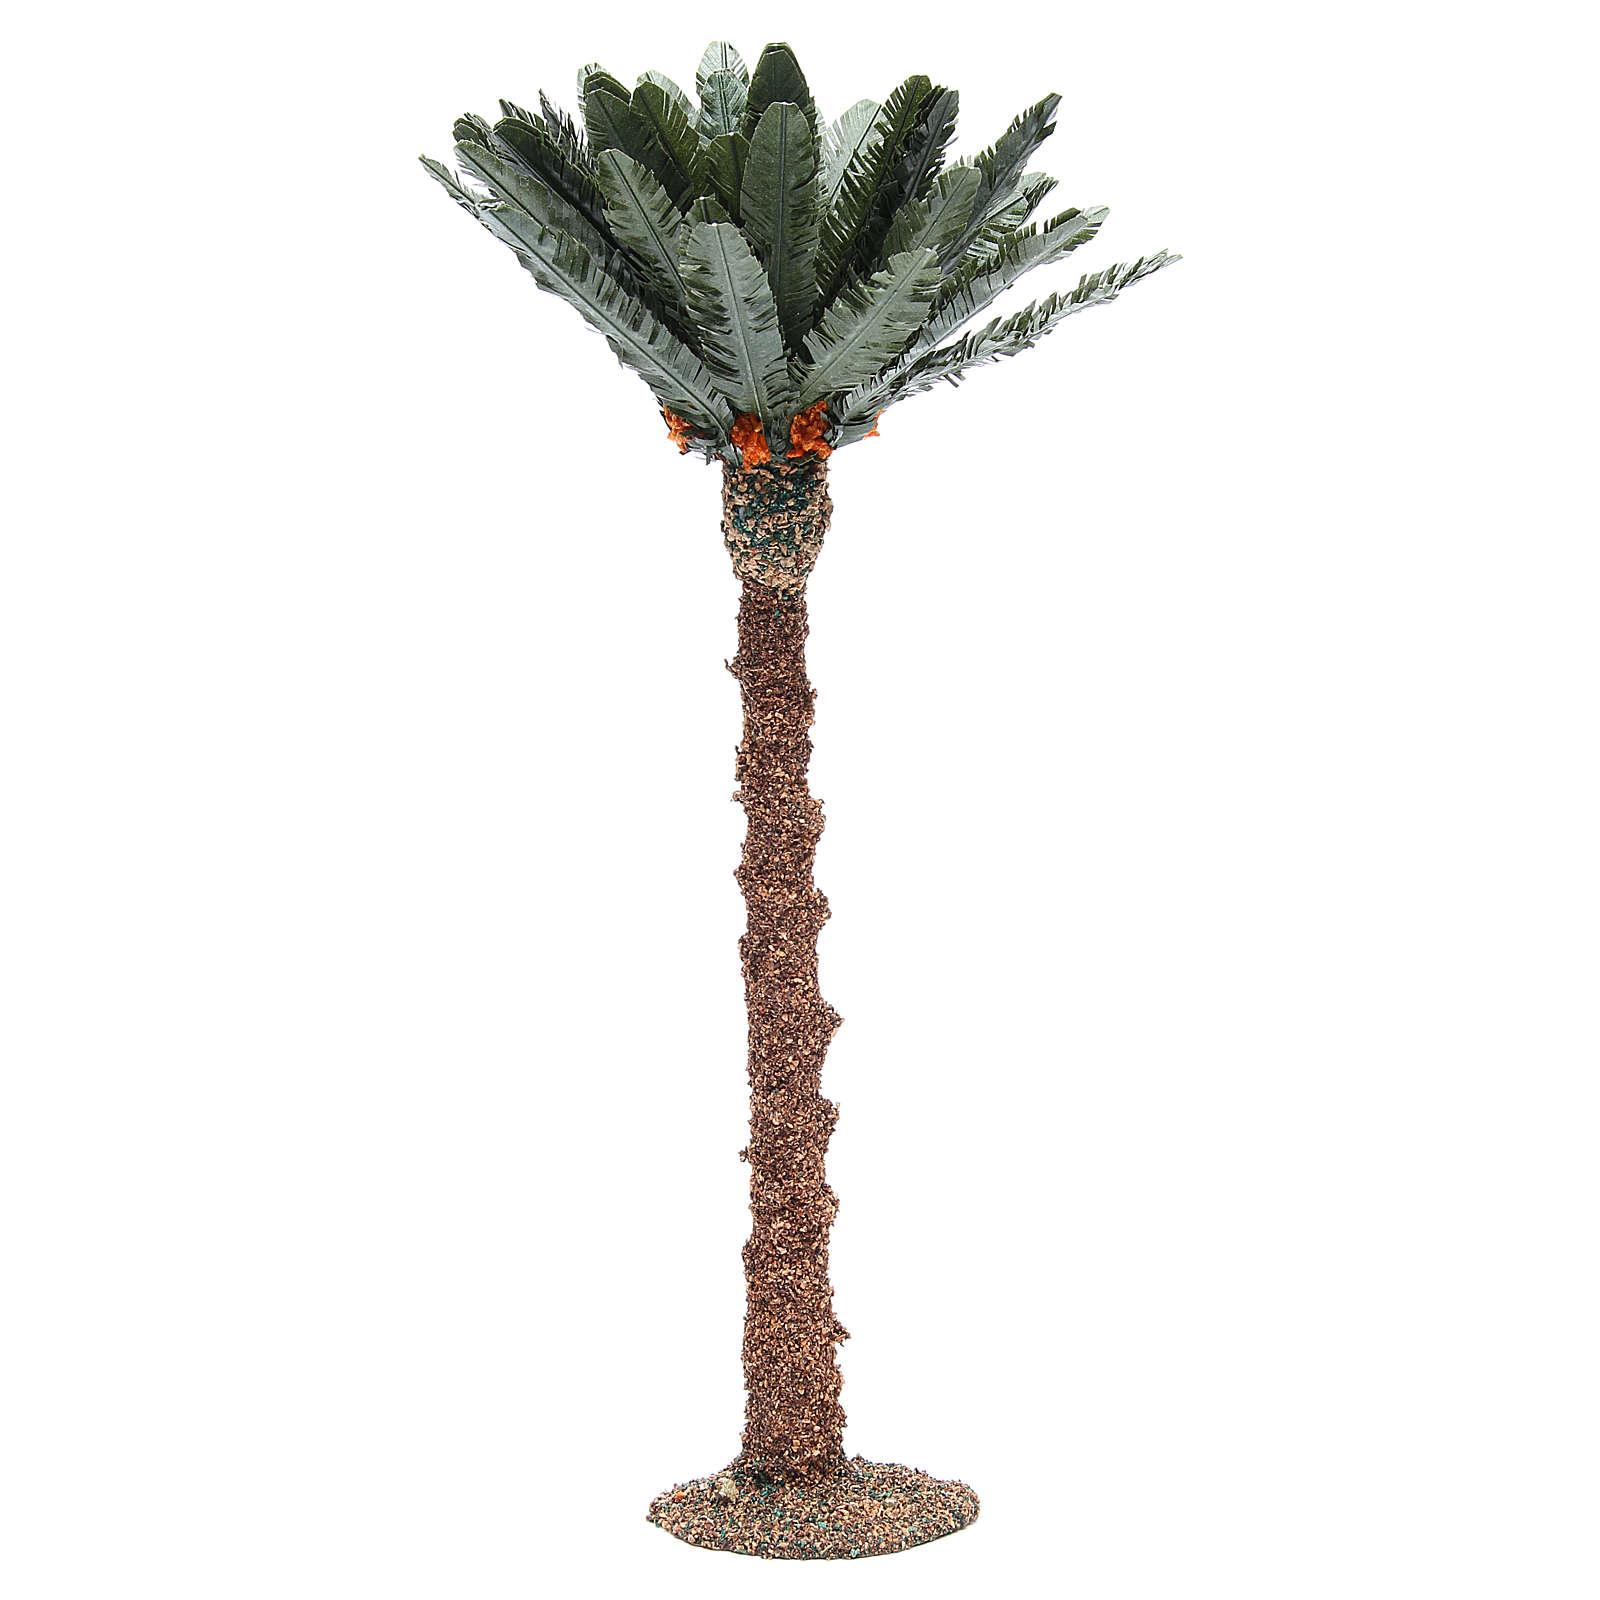 Palma per presepe fai da te h. reale 40 cm 4